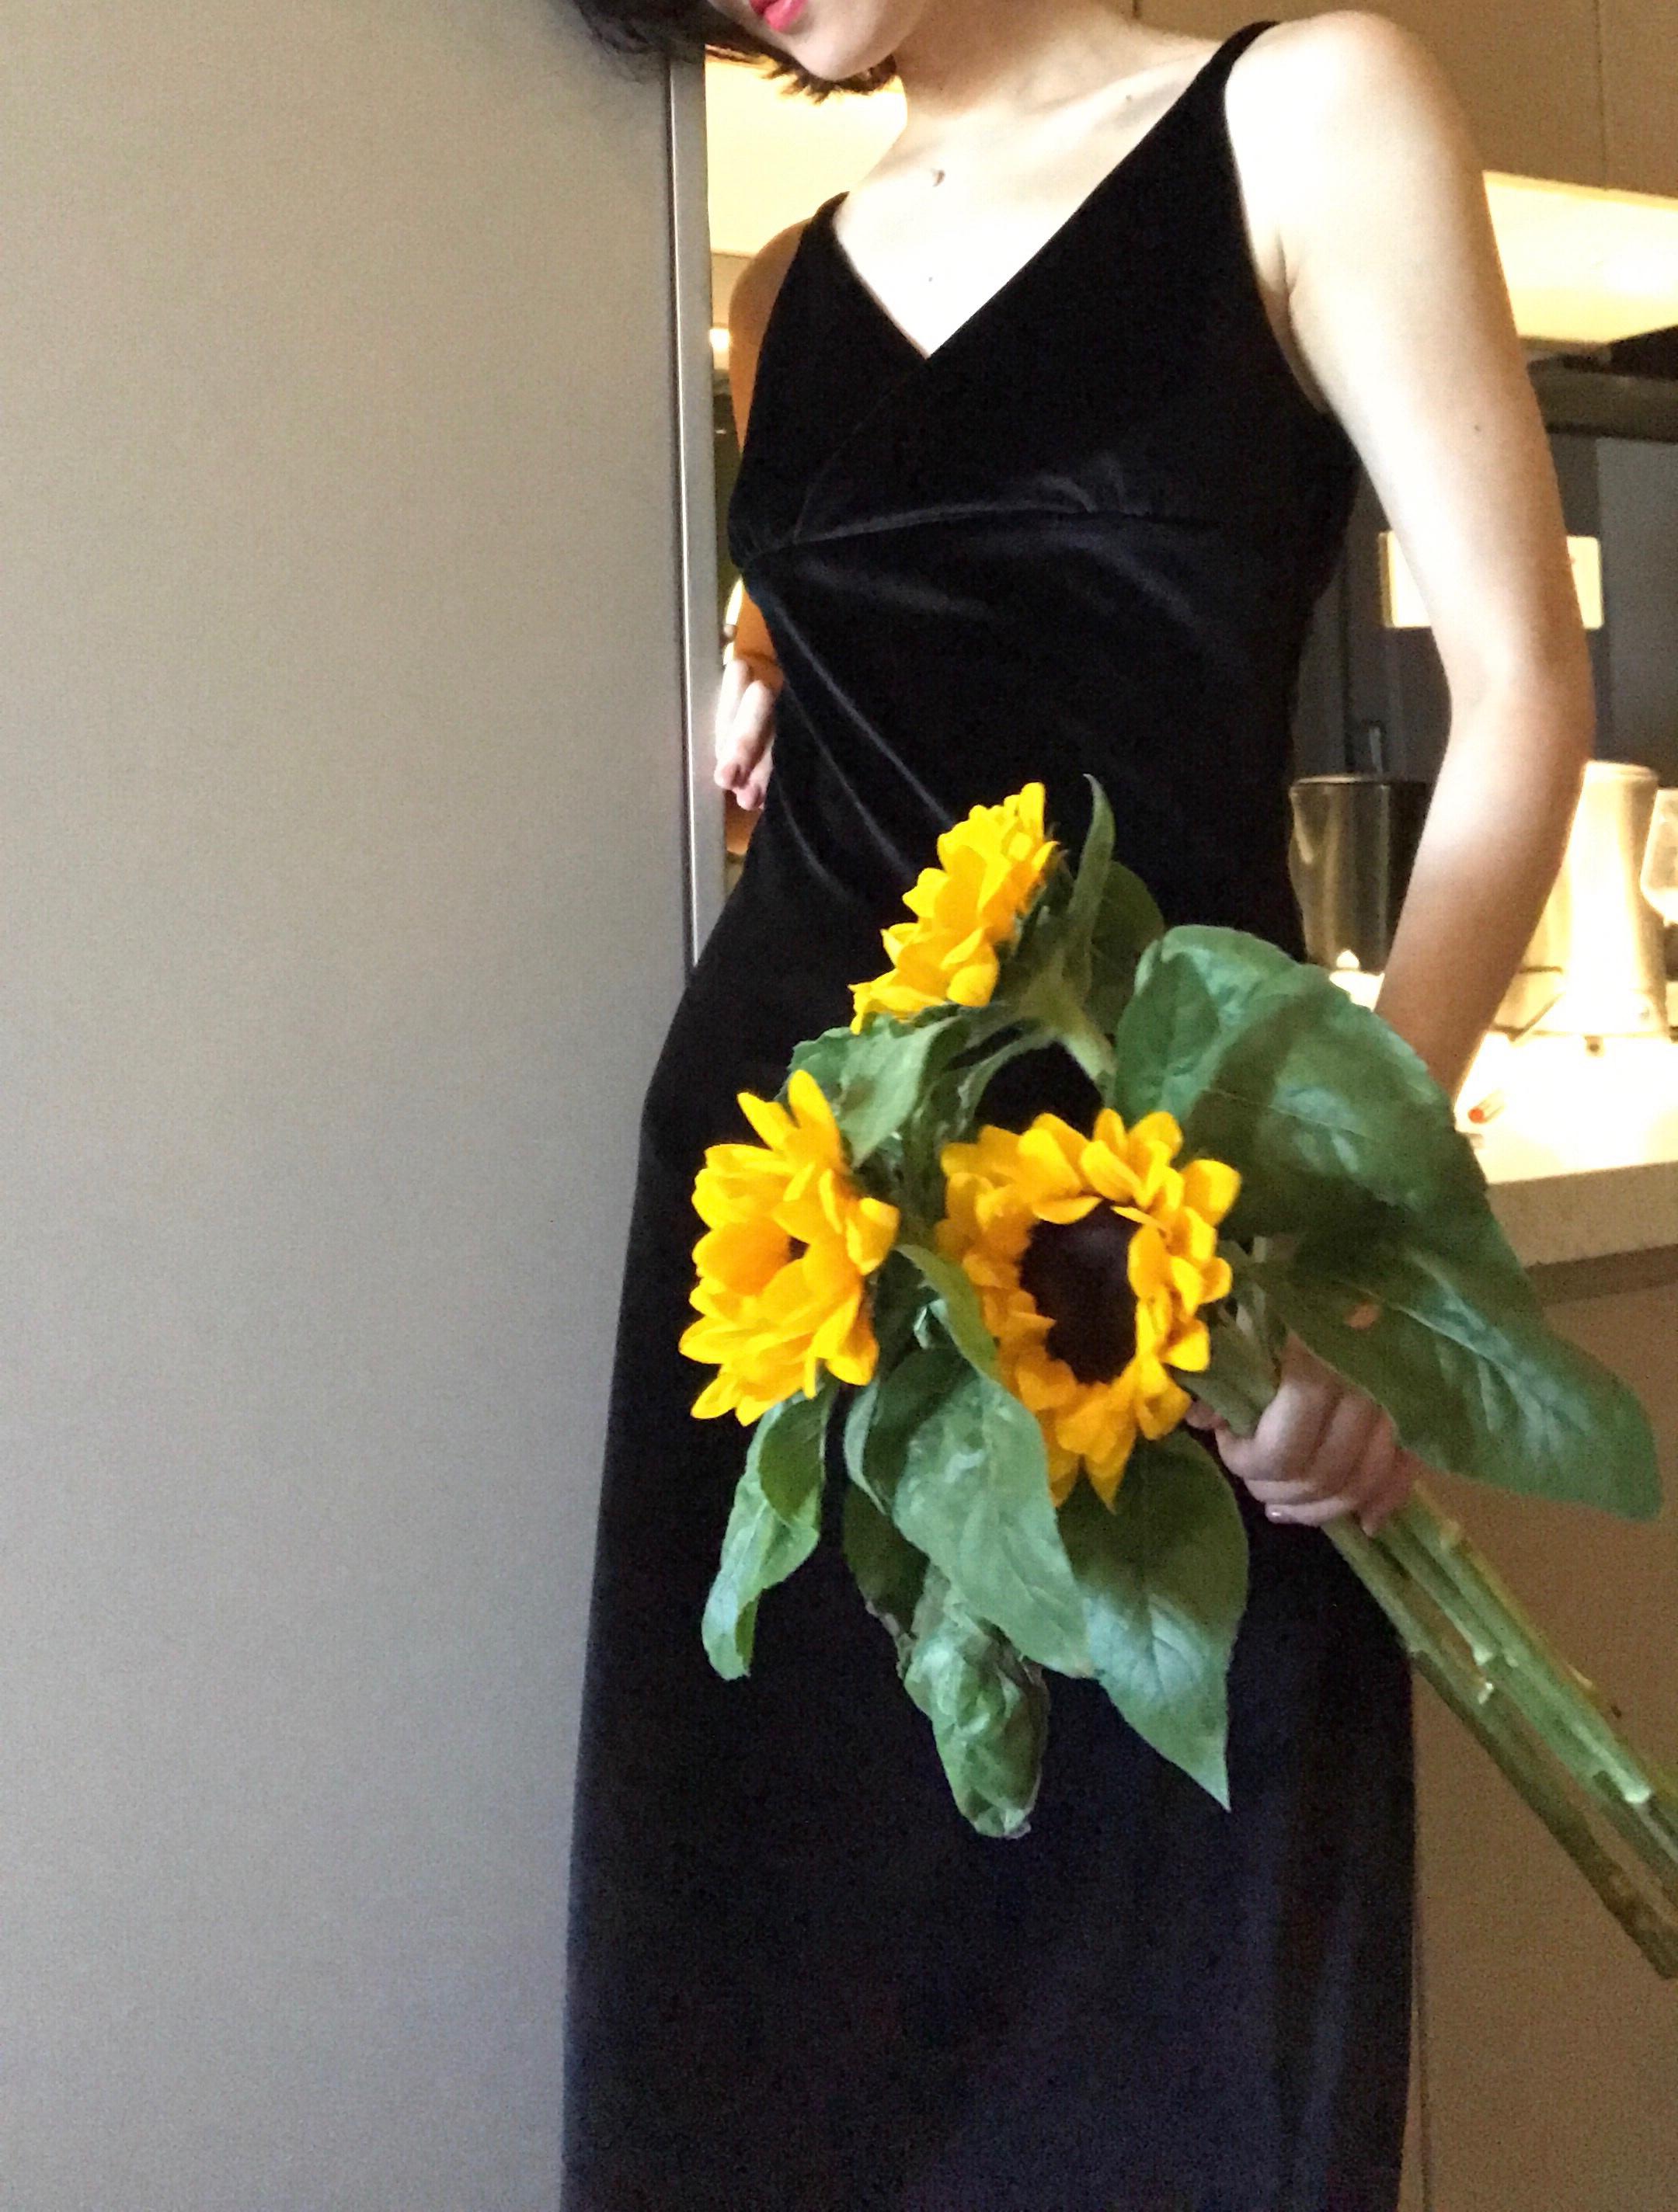 WangHanYan домашнее осень новый товар  новинка Золотой бархатный ремешок элегантный V-образный вырез фасон средней длины стиль Сплит-платье было тонким